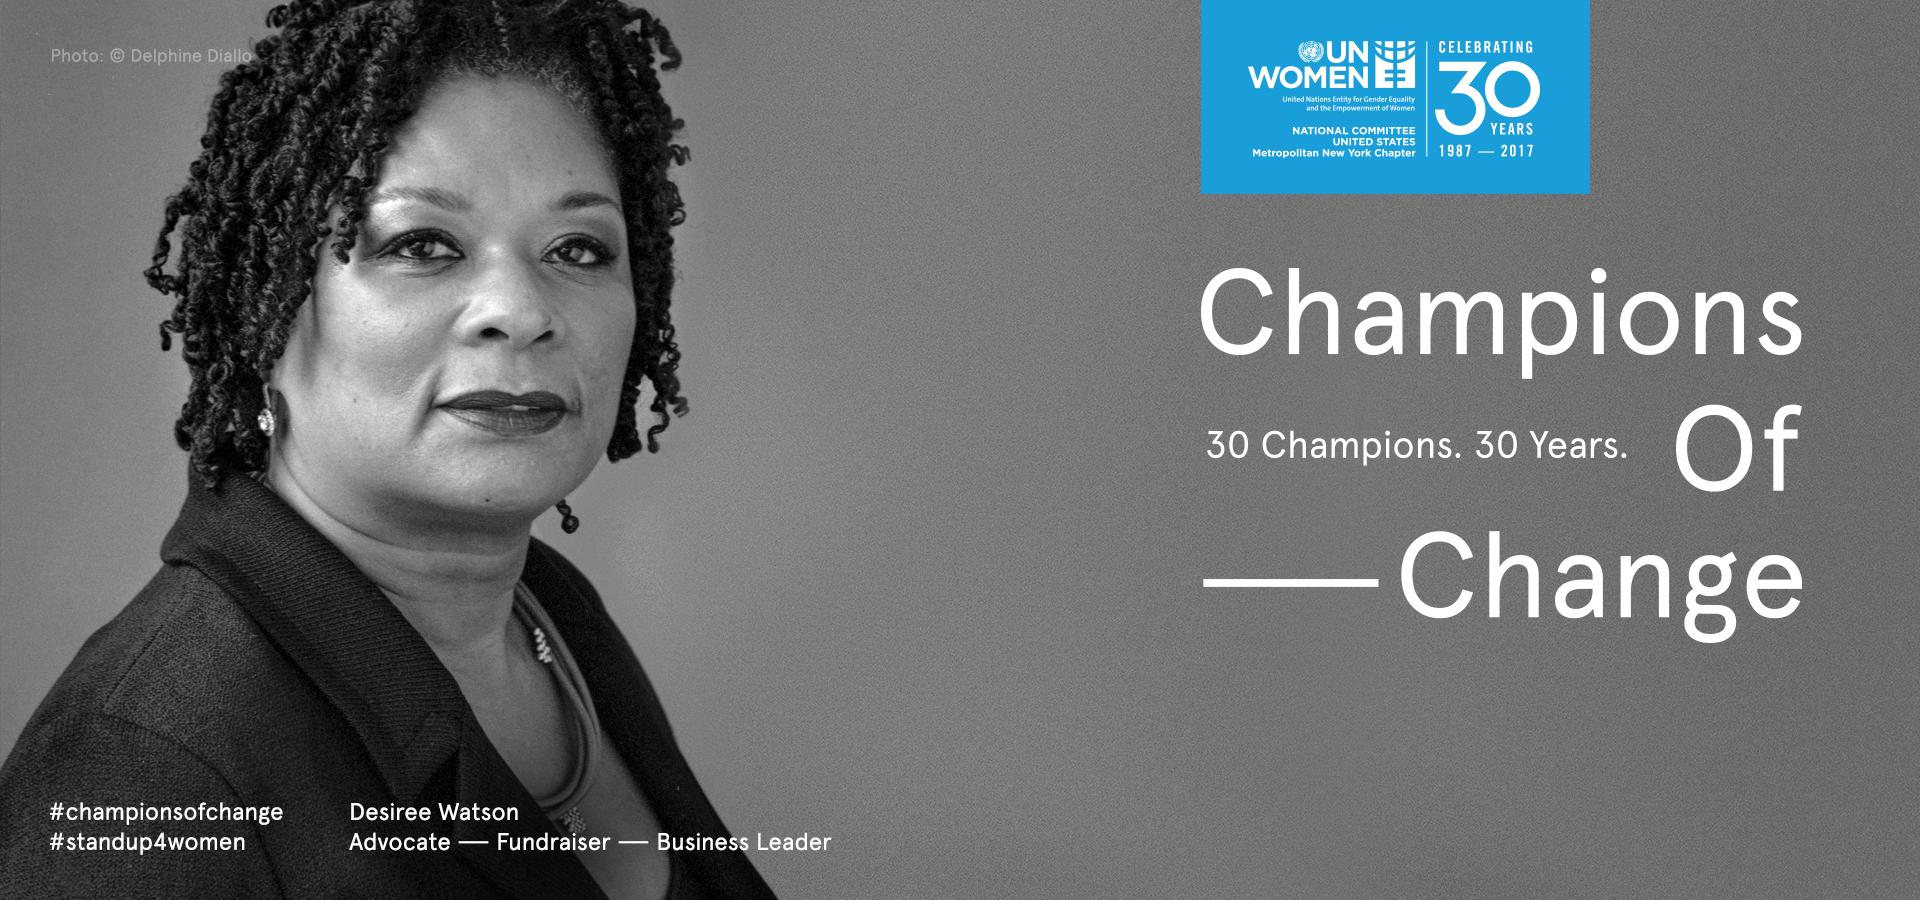 2017_UNWomen_ChampionsOfChange_Website_LandingPage_3_Desiree.jpg